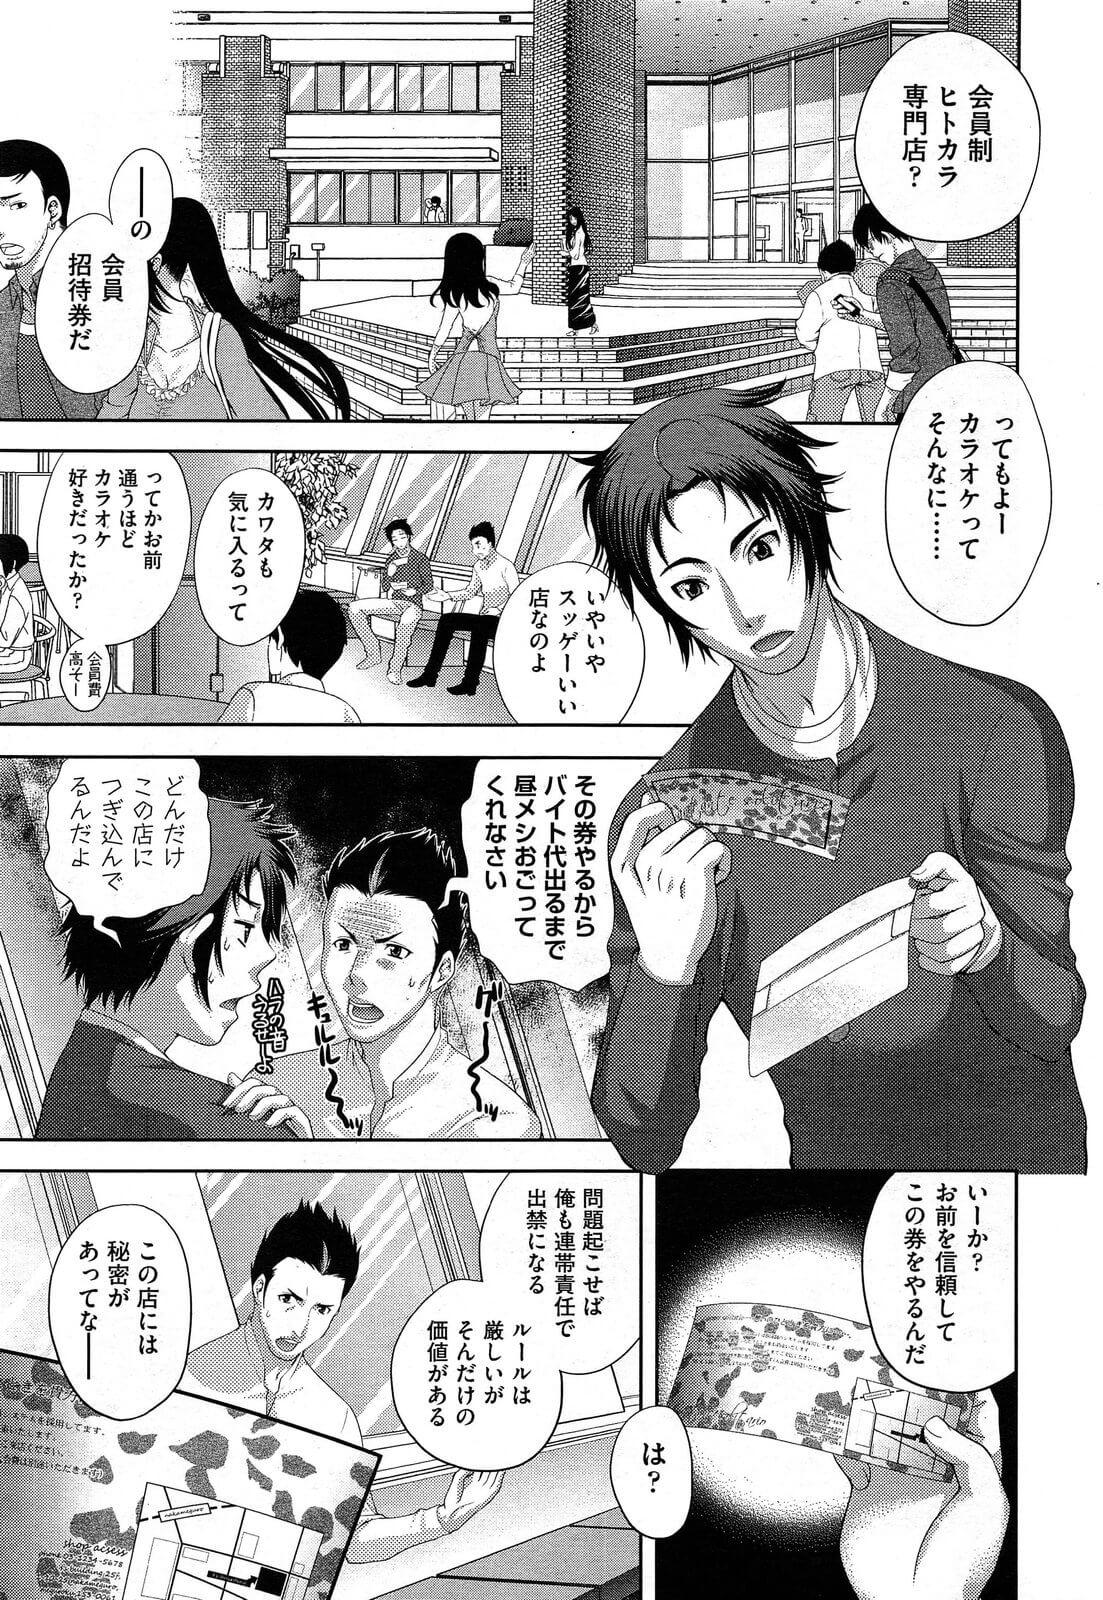 【エロ漫画】即ハメOKの出会い系ヒトカラに招待券を使い来た男は、他の部屋の様子を見てるとオオヌキとカワタは女性1人の部屋に入って3Pする。【無料 エロ同人】